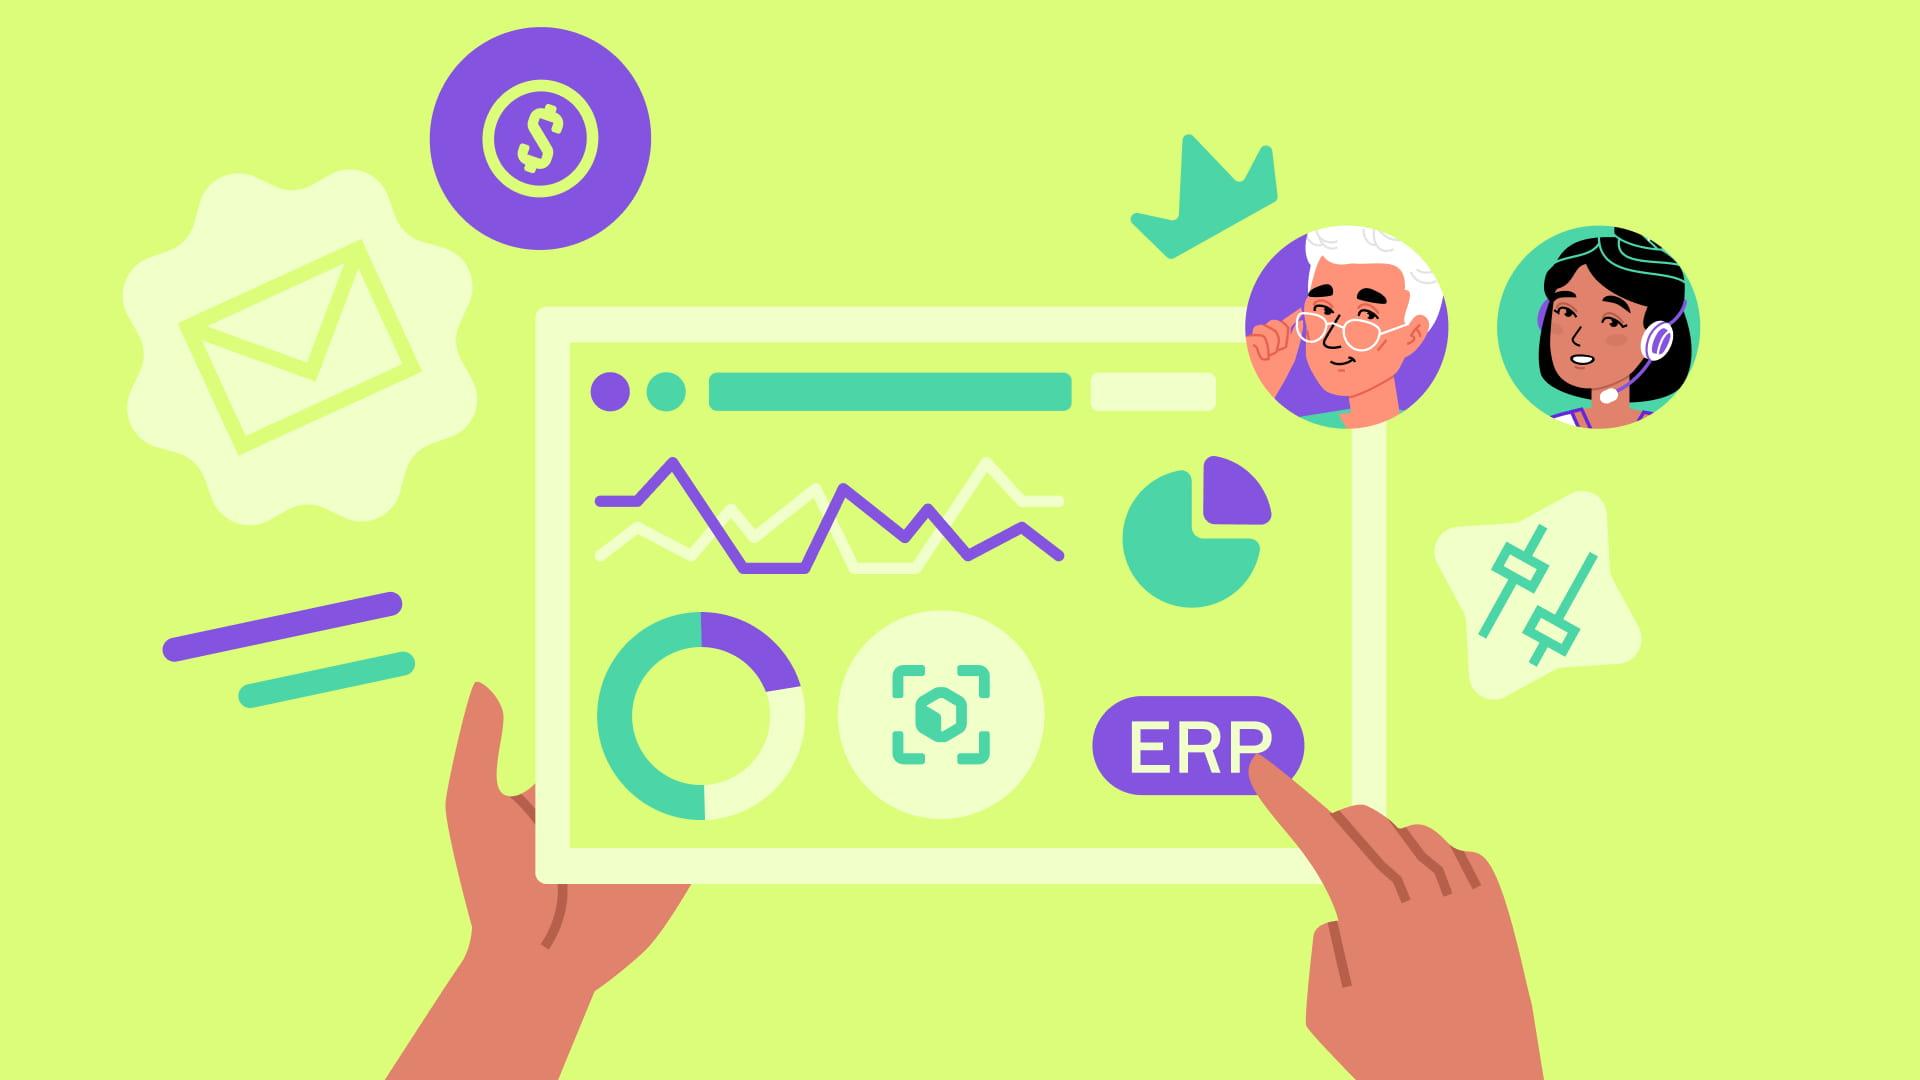 ¿Qué es un ERP y qué beneficios aporta este software a tu negocio?